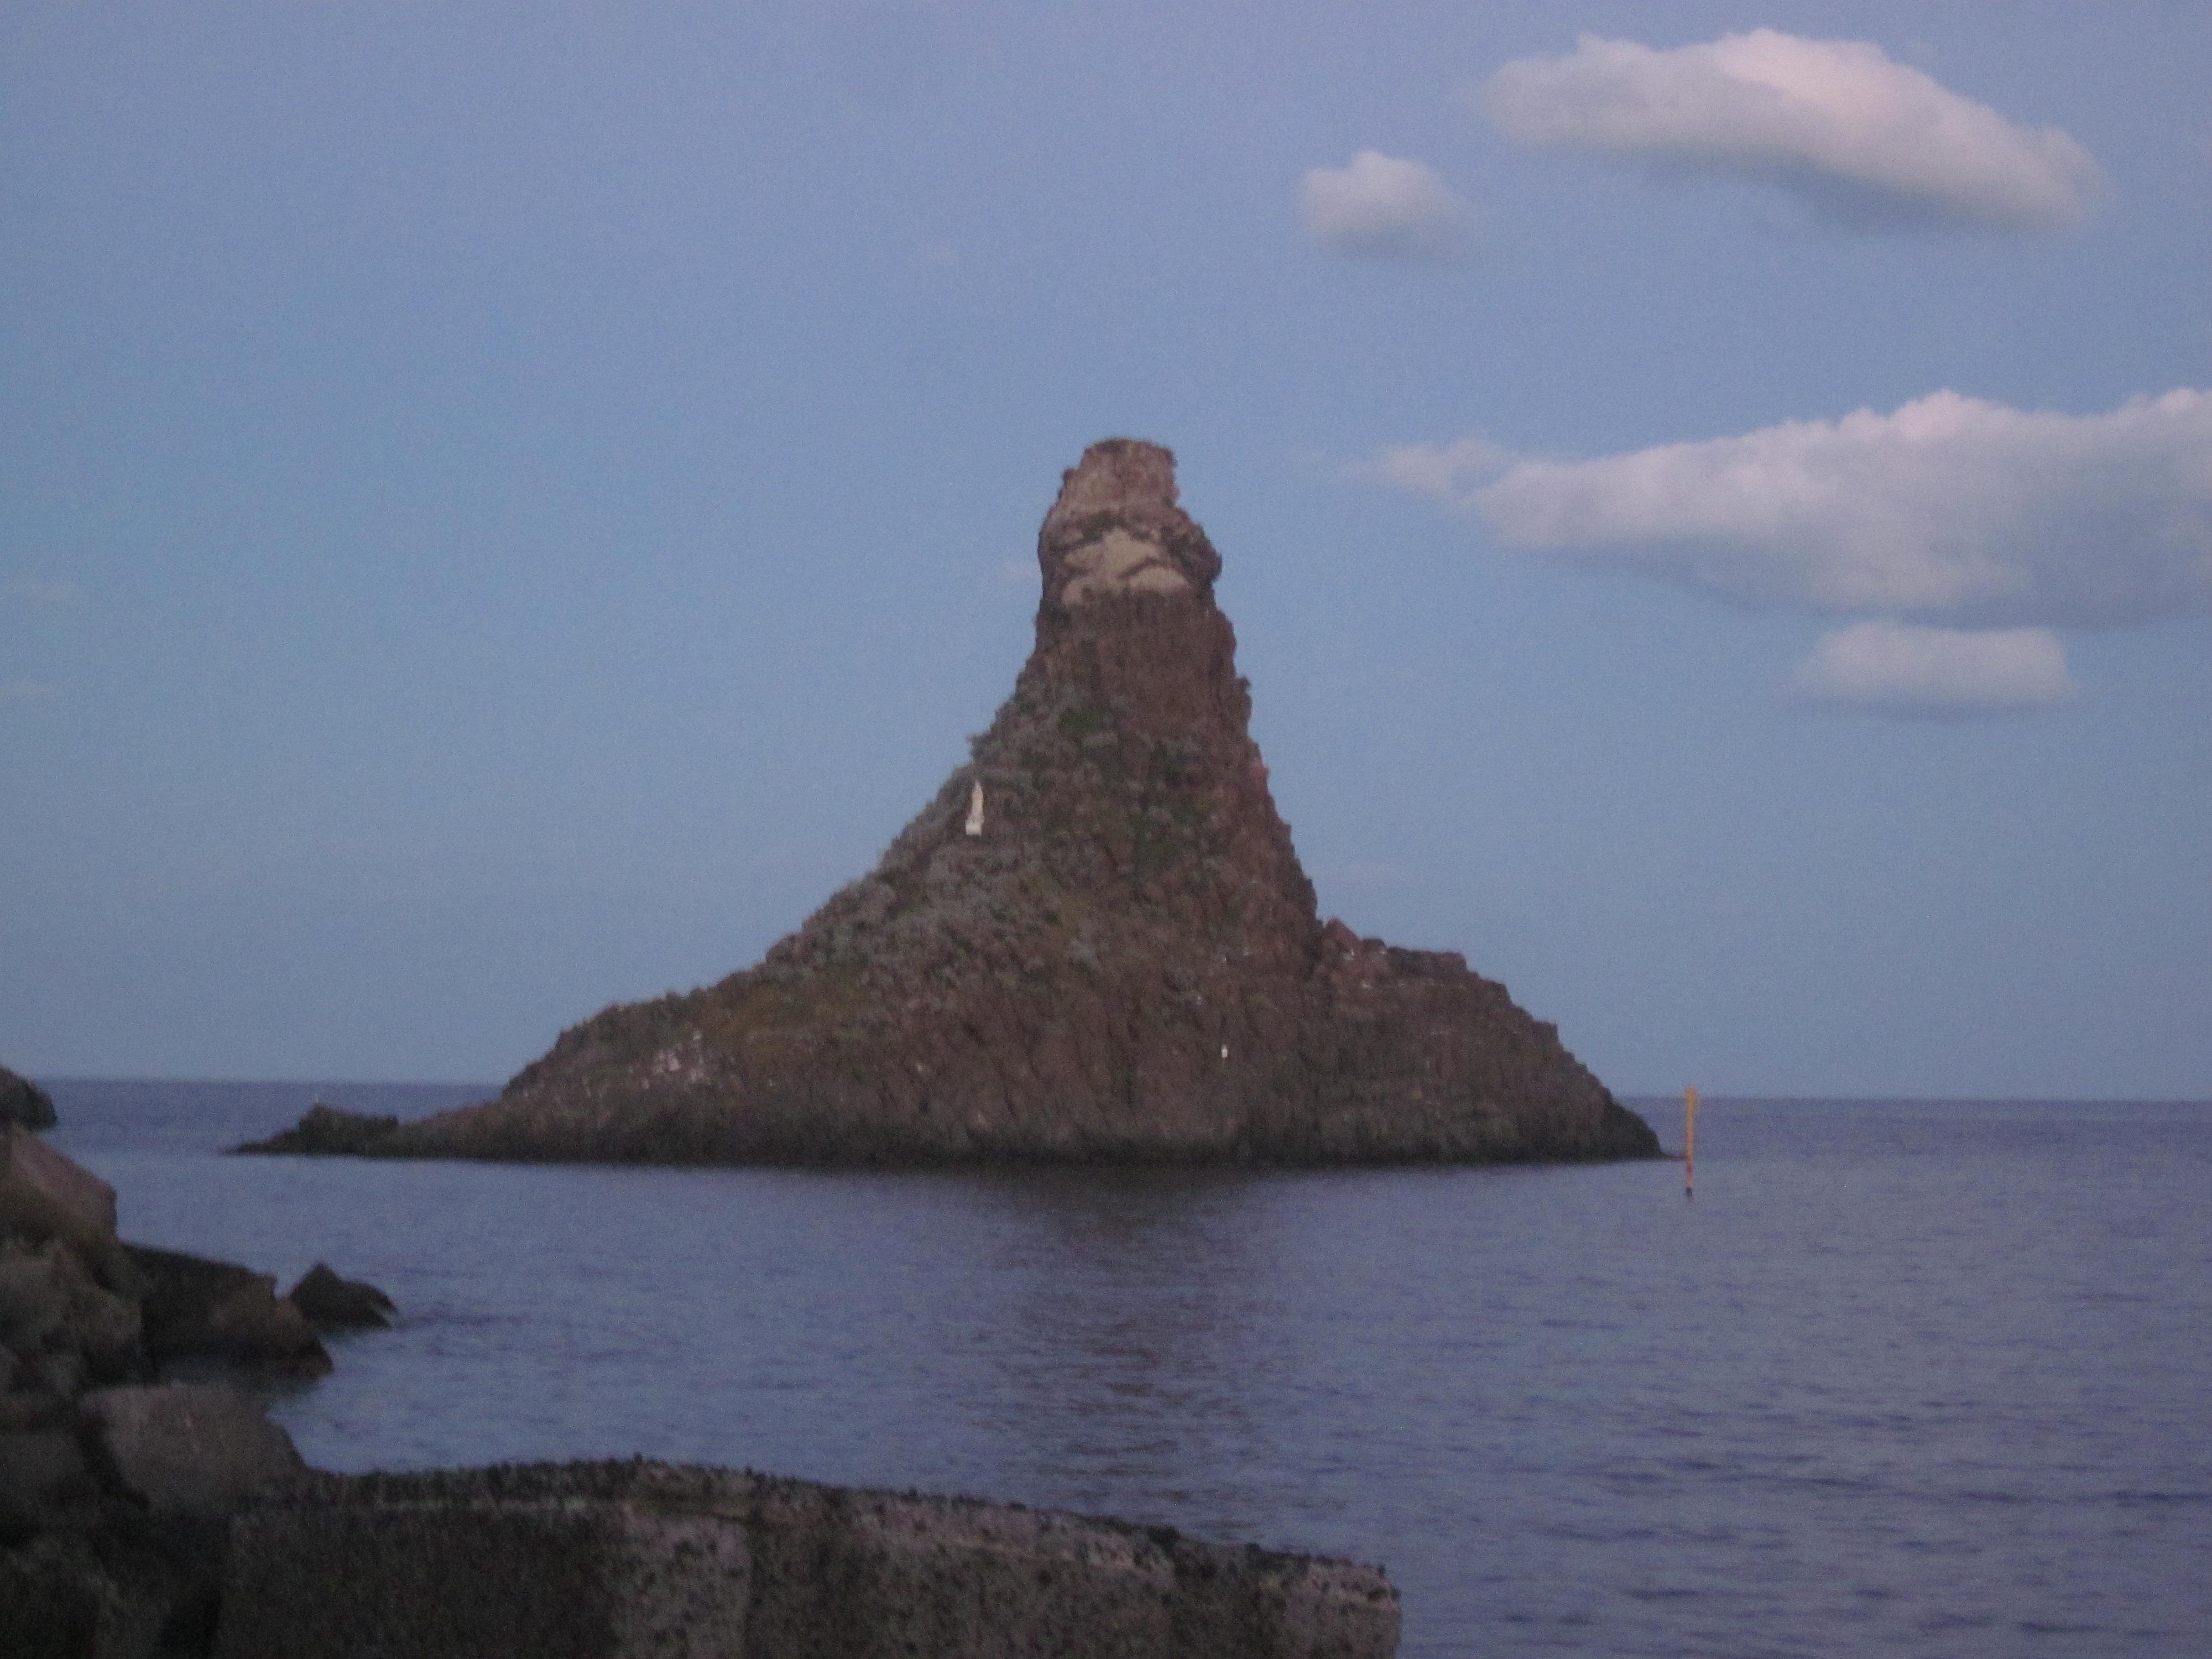 Zyklopenküste in Aci Trezza, Heidrun adriana Bomke